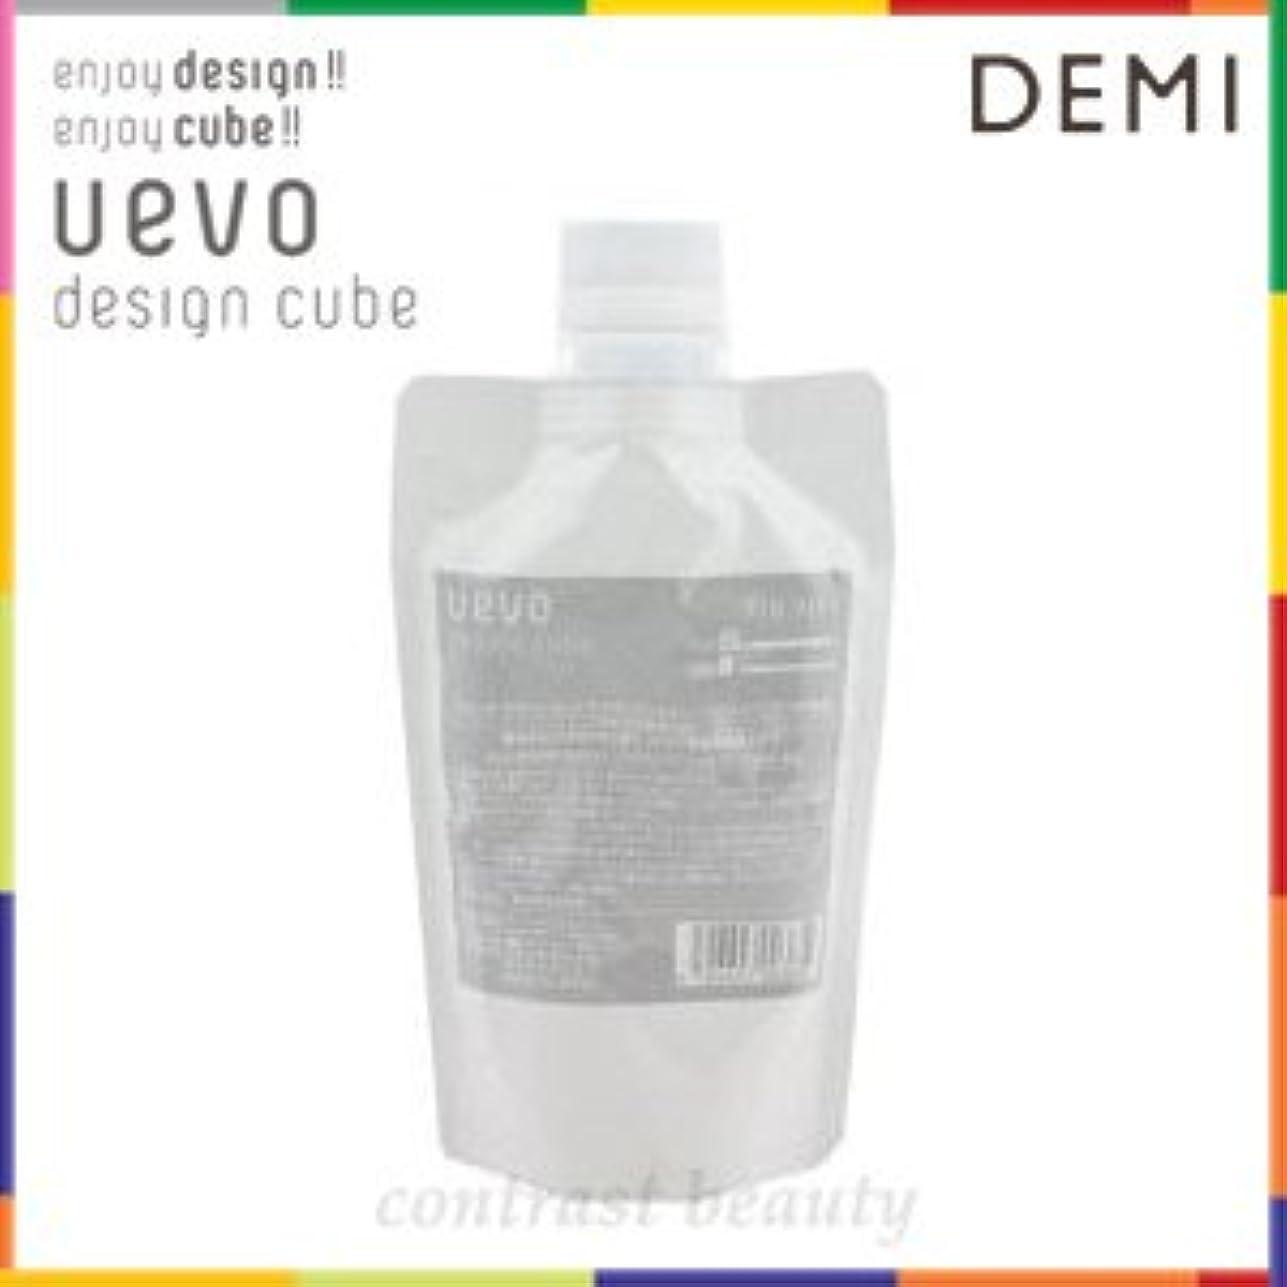 ワイン安いですそれぞれ【X3個セット】 デミ ウェーボ デザインキューブ ドライワックス 200g 業務用 dry wax DEMI uevo design cube